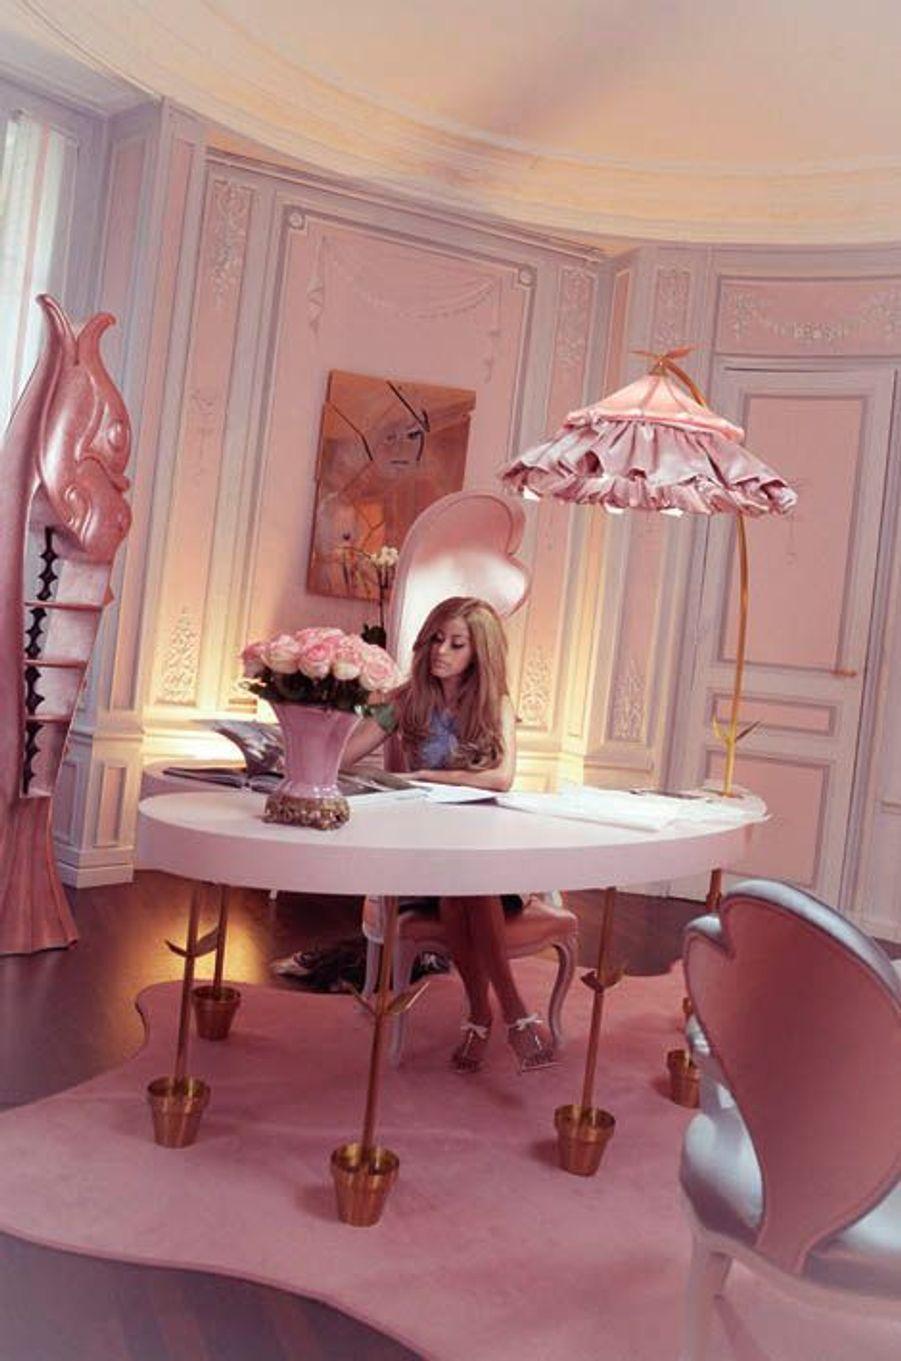 Le bureau parisien où elle a tout dessiné elle-même, du tapis aux dossiers des chaises. Du rose, des coeurs... Ses fétiches.